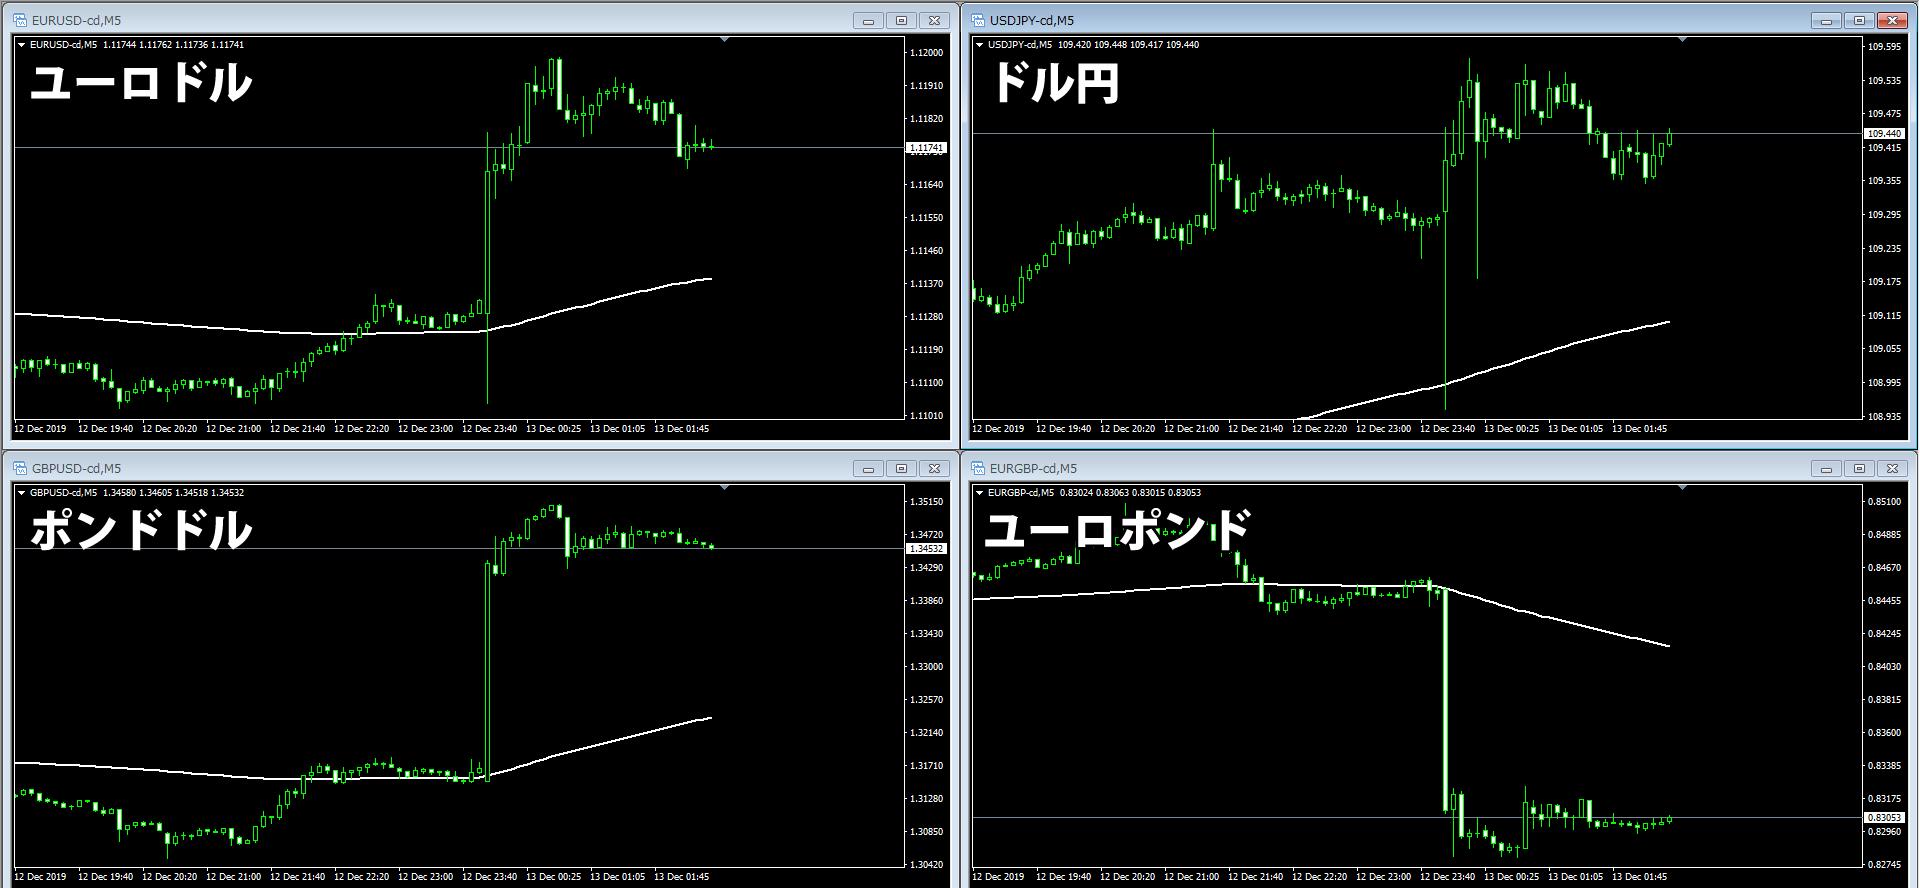 複数の通貨ペアのチャートから通貨強弱を判別する